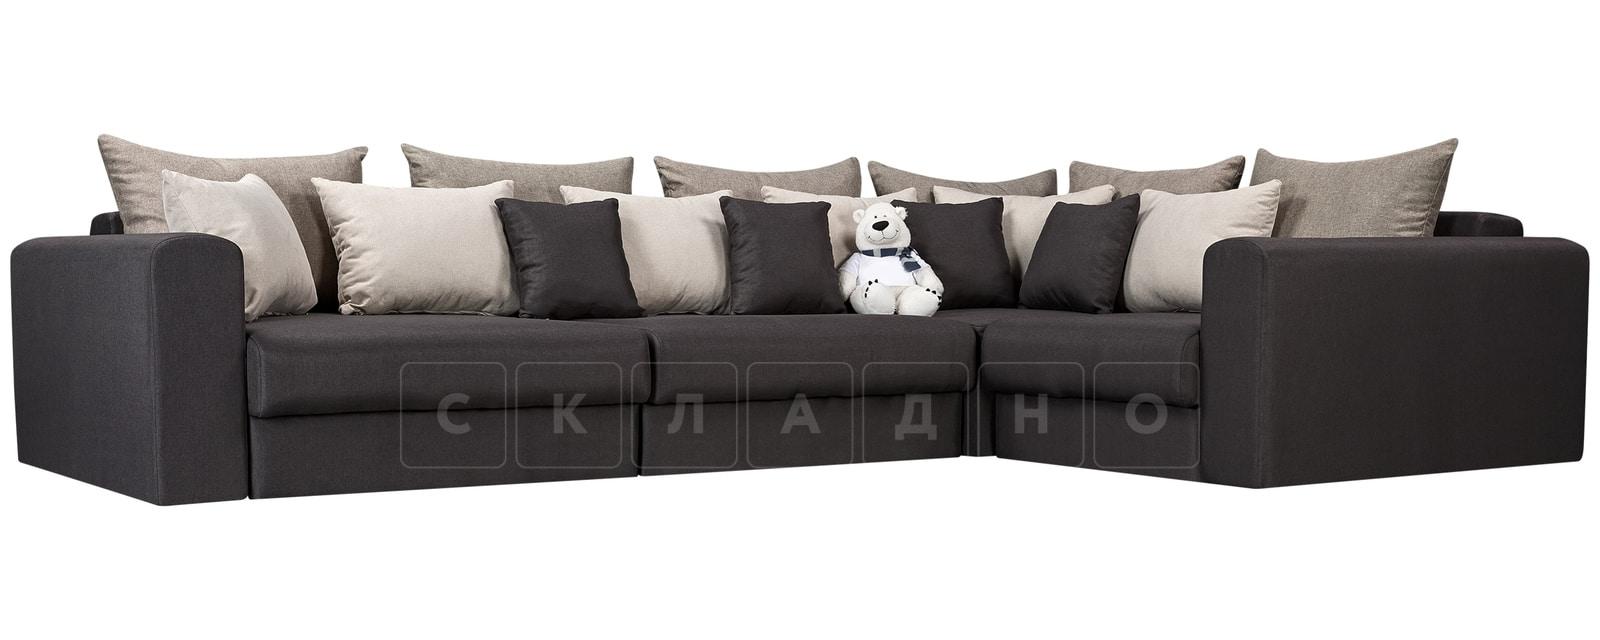 Угловой диван Медисон темно-серый 345х224см фото 1 | интернет-магазин Складно